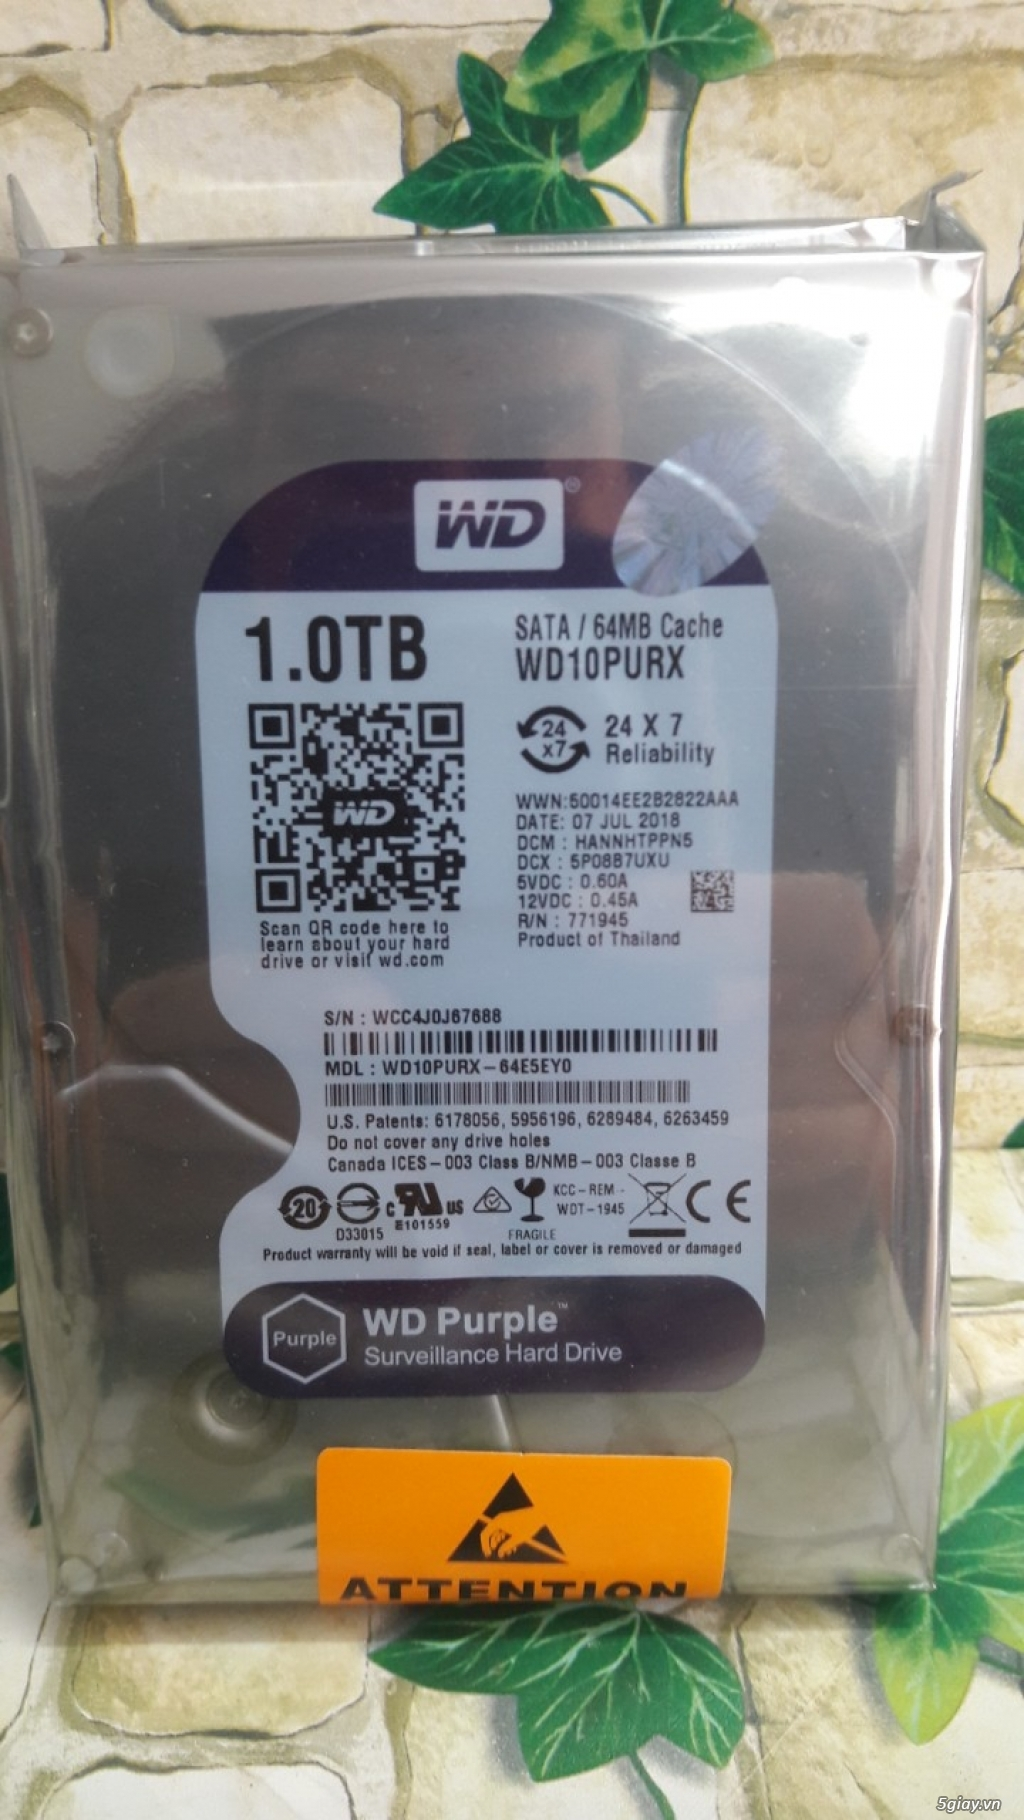 [Entershop] chuyên thẻ nhớ, usb, ổ cứng di động 500gb , 1000gb, 2T, 4T - 20